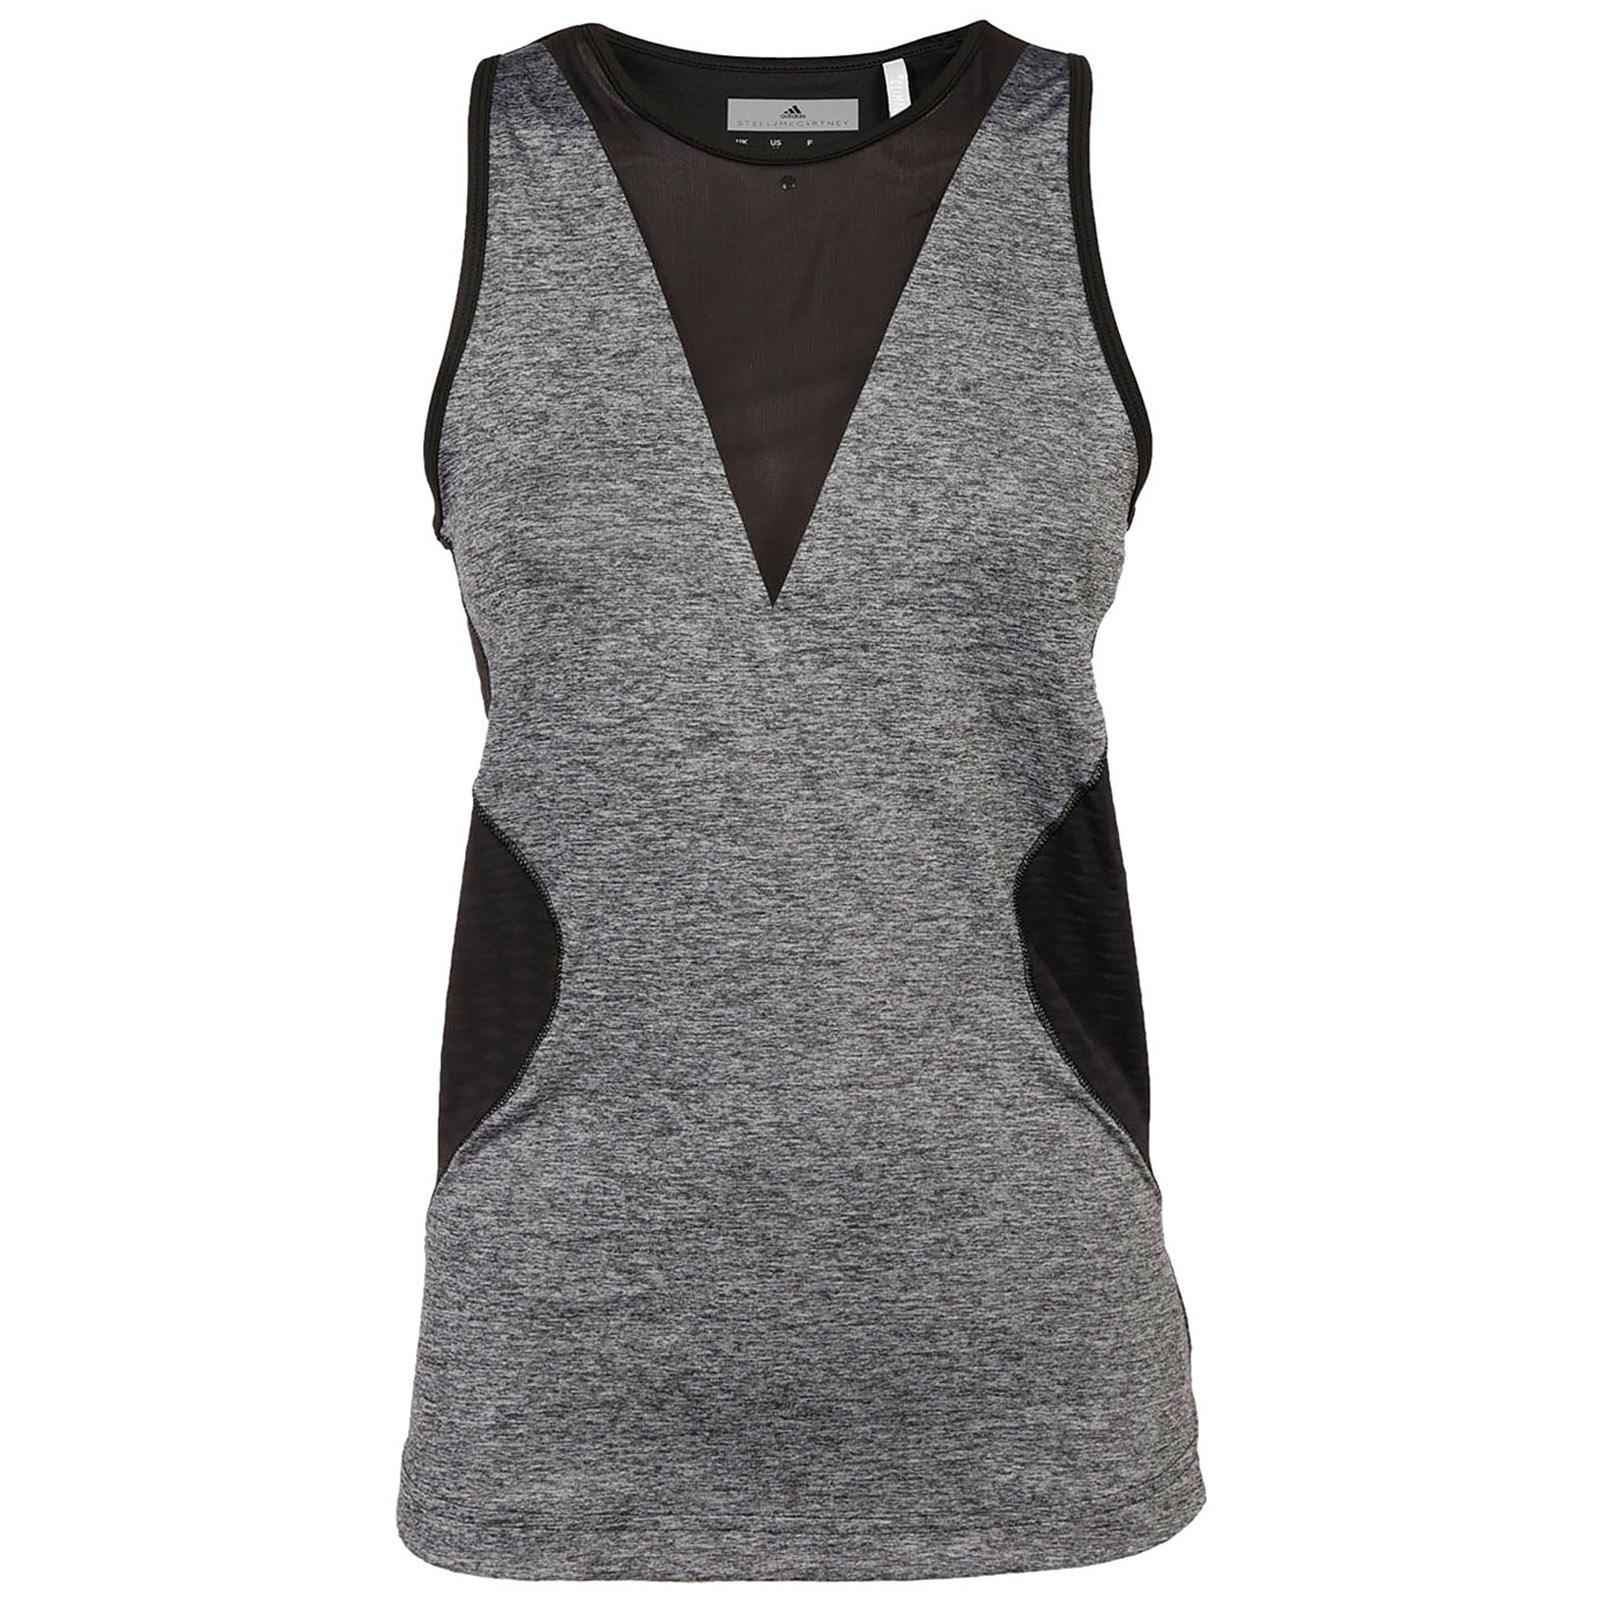 Women's tank top vest